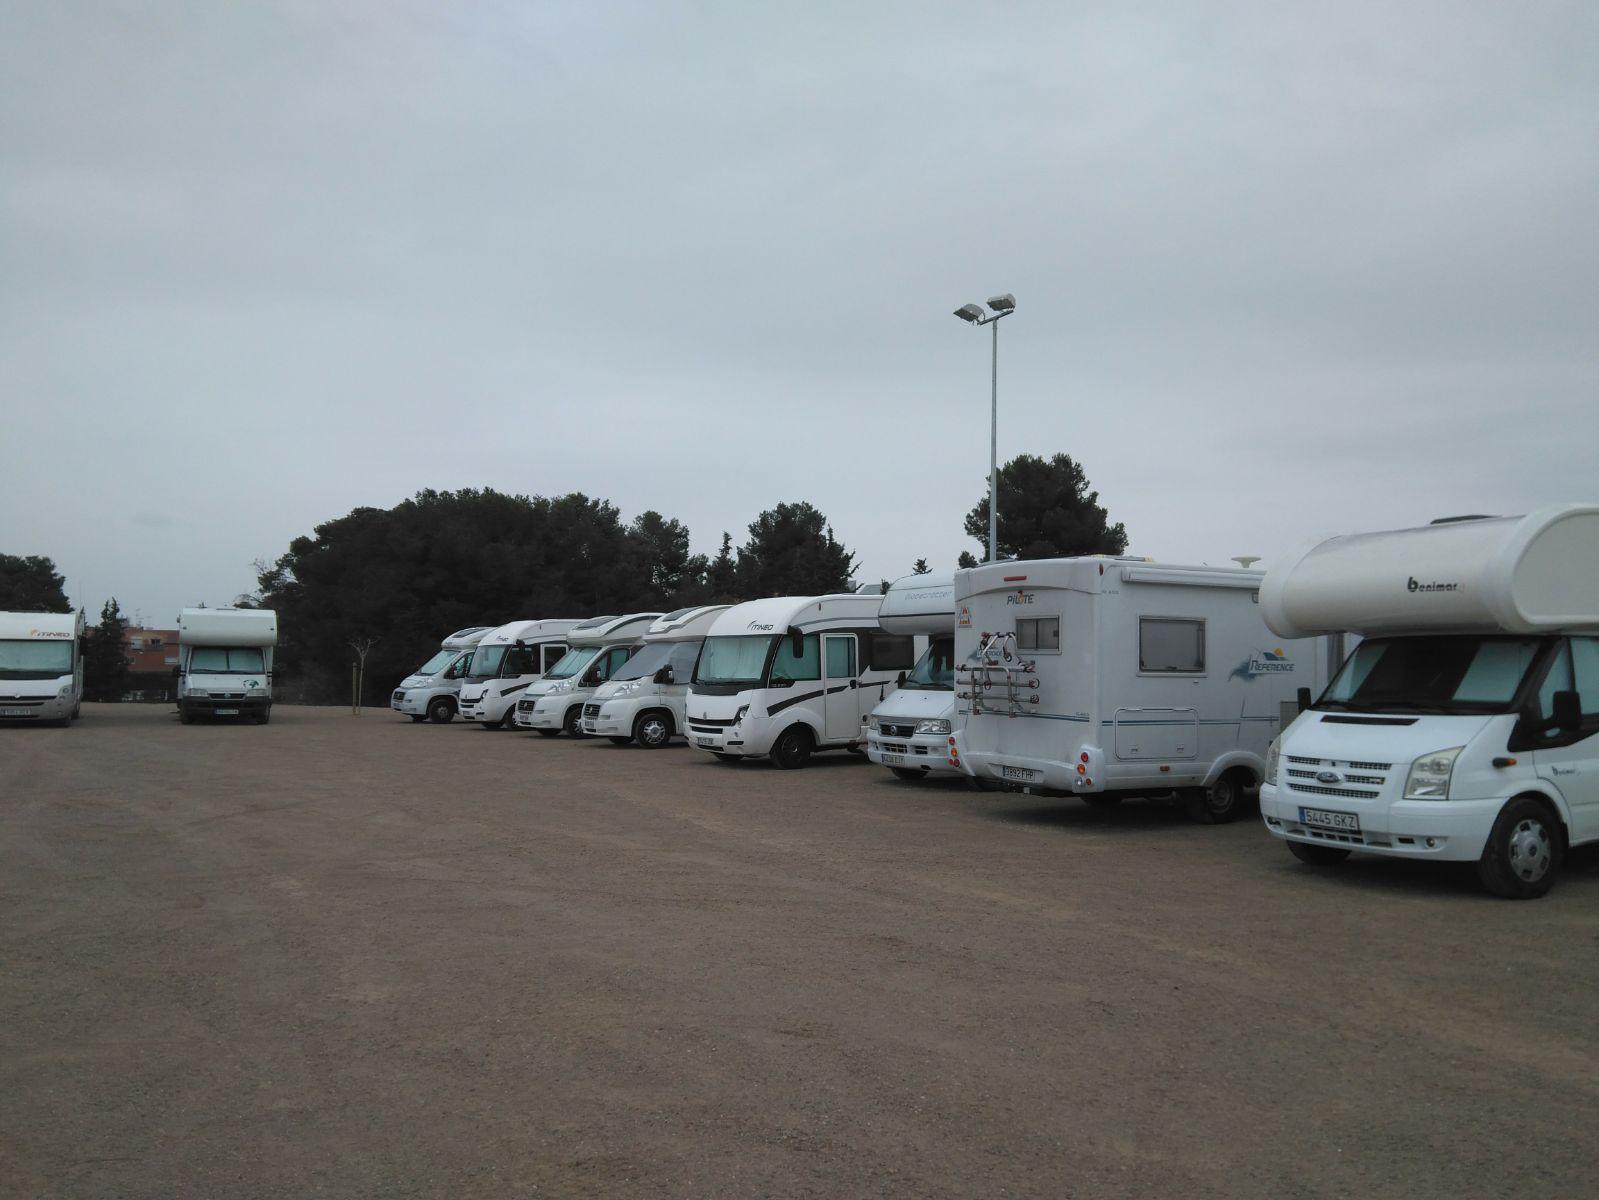 Les Borges adjudica els treballs de millora de l'aparcament d'autocaravanes